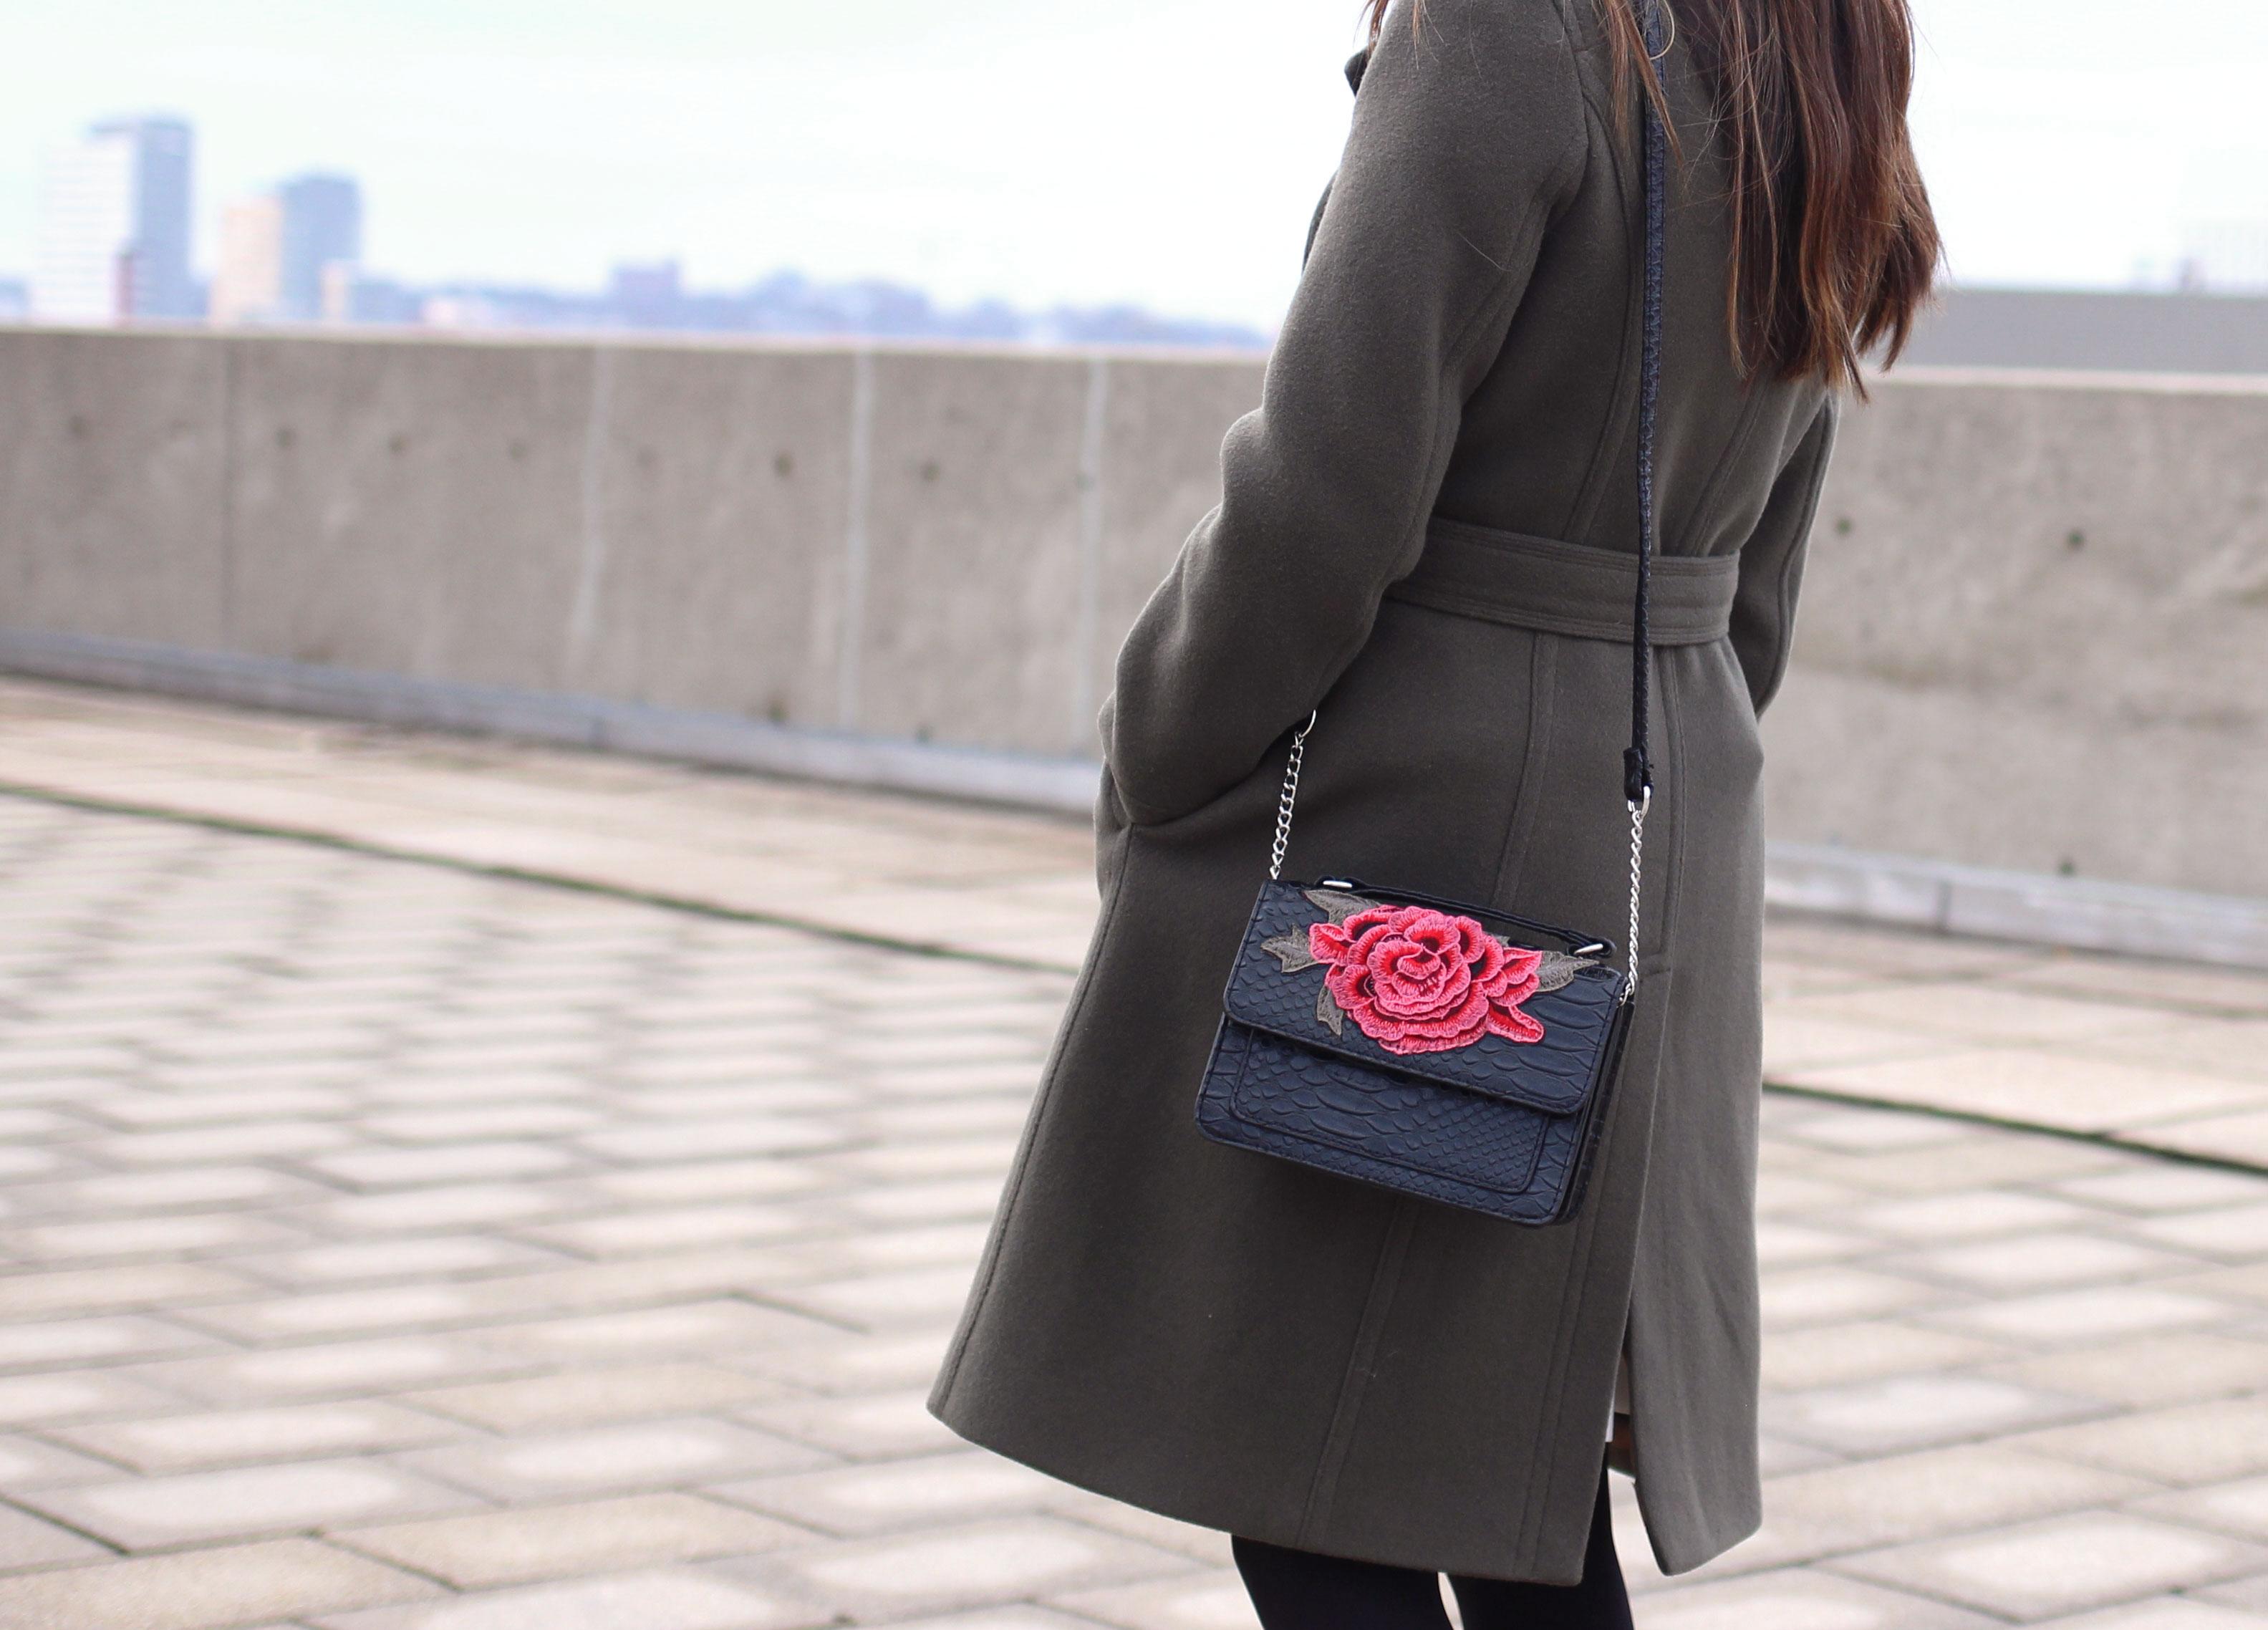 Rose floral applique leather bag